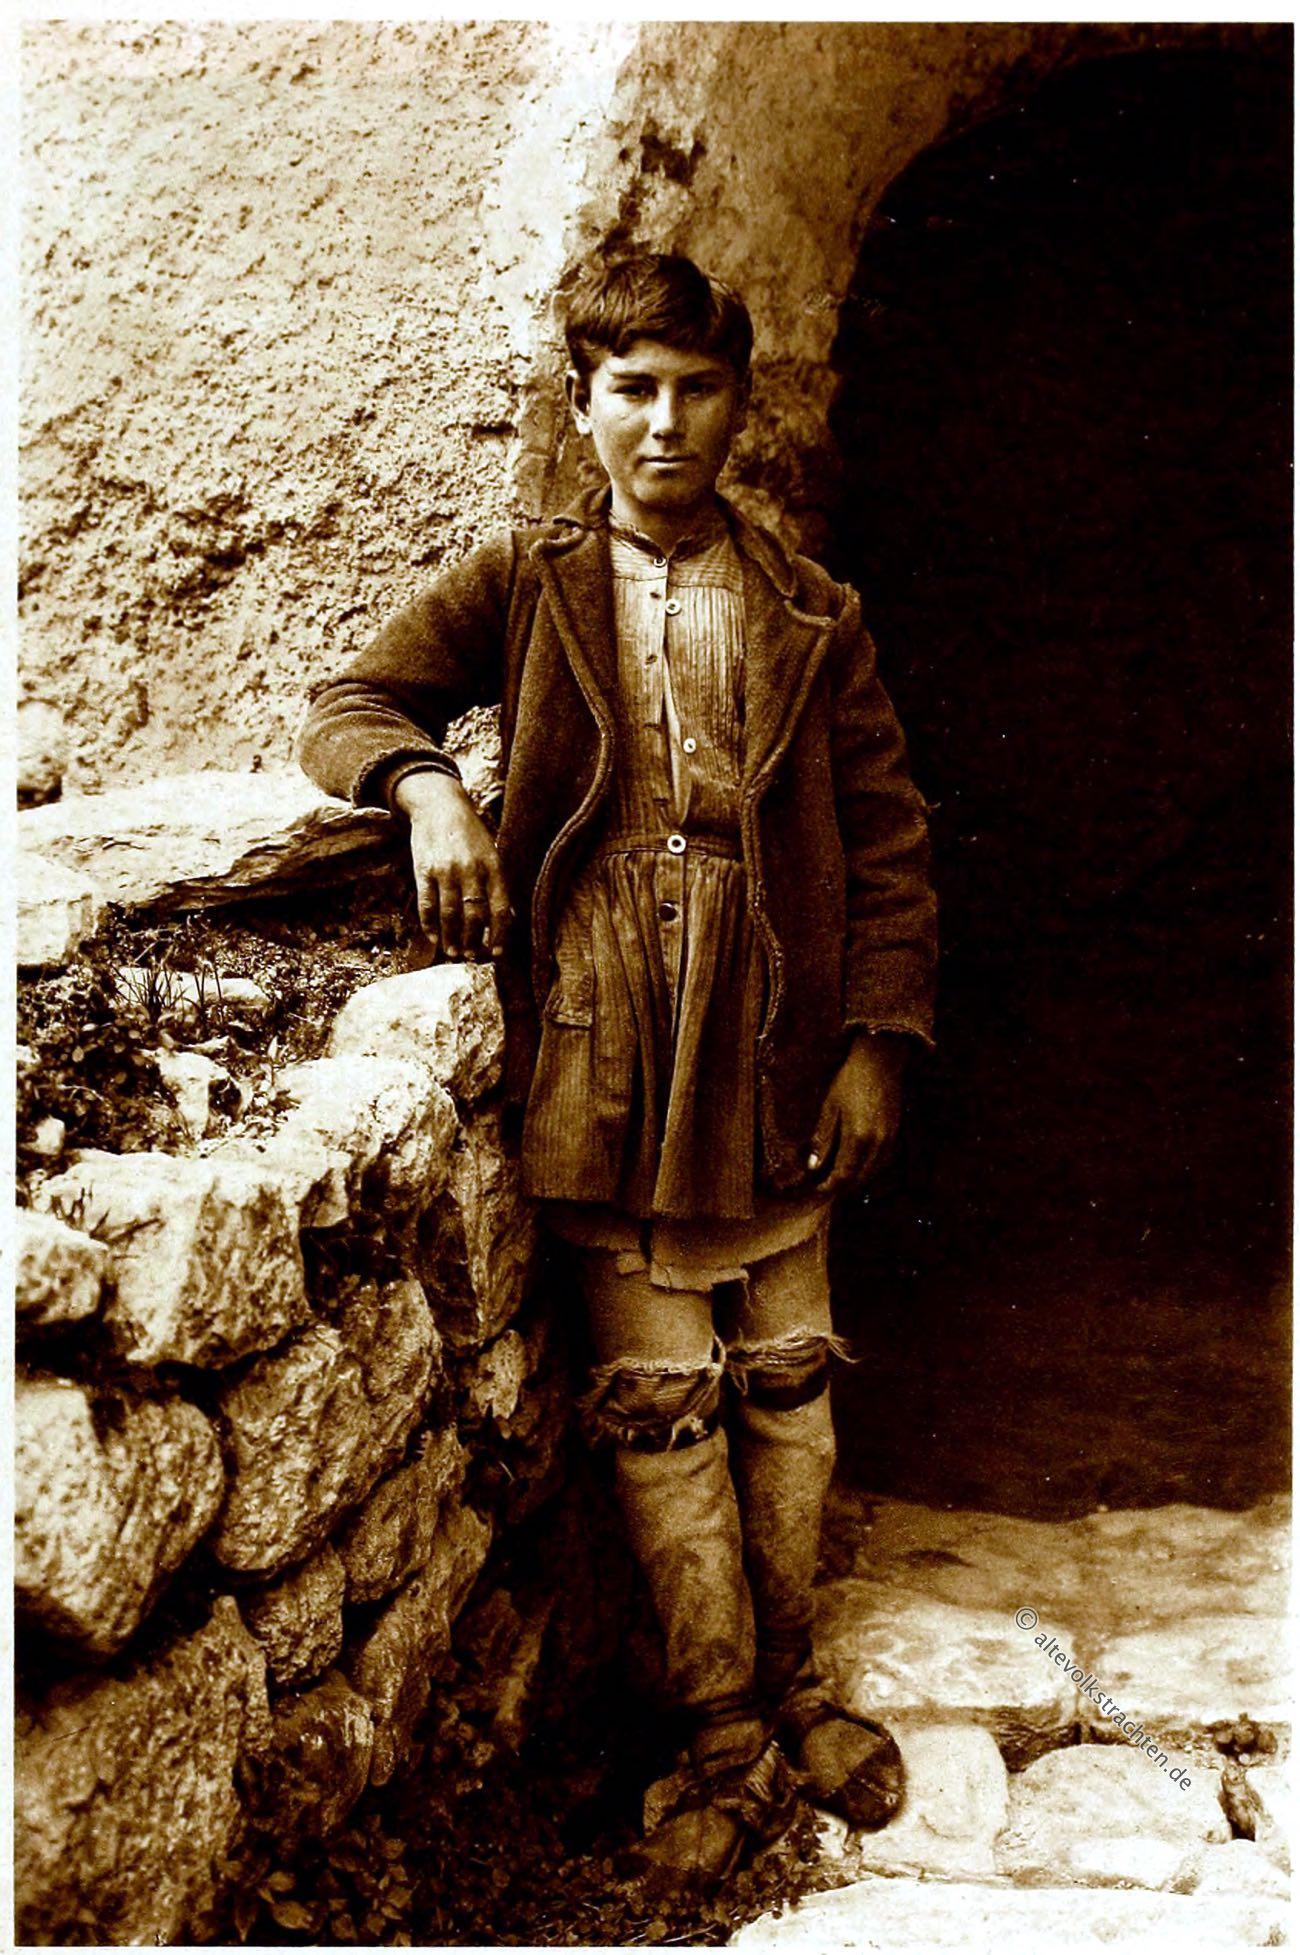 Hirtenknabe, Tracht, Griechenland, Greek, ancient national costume, Shepherd Boy, Jeune pâtre